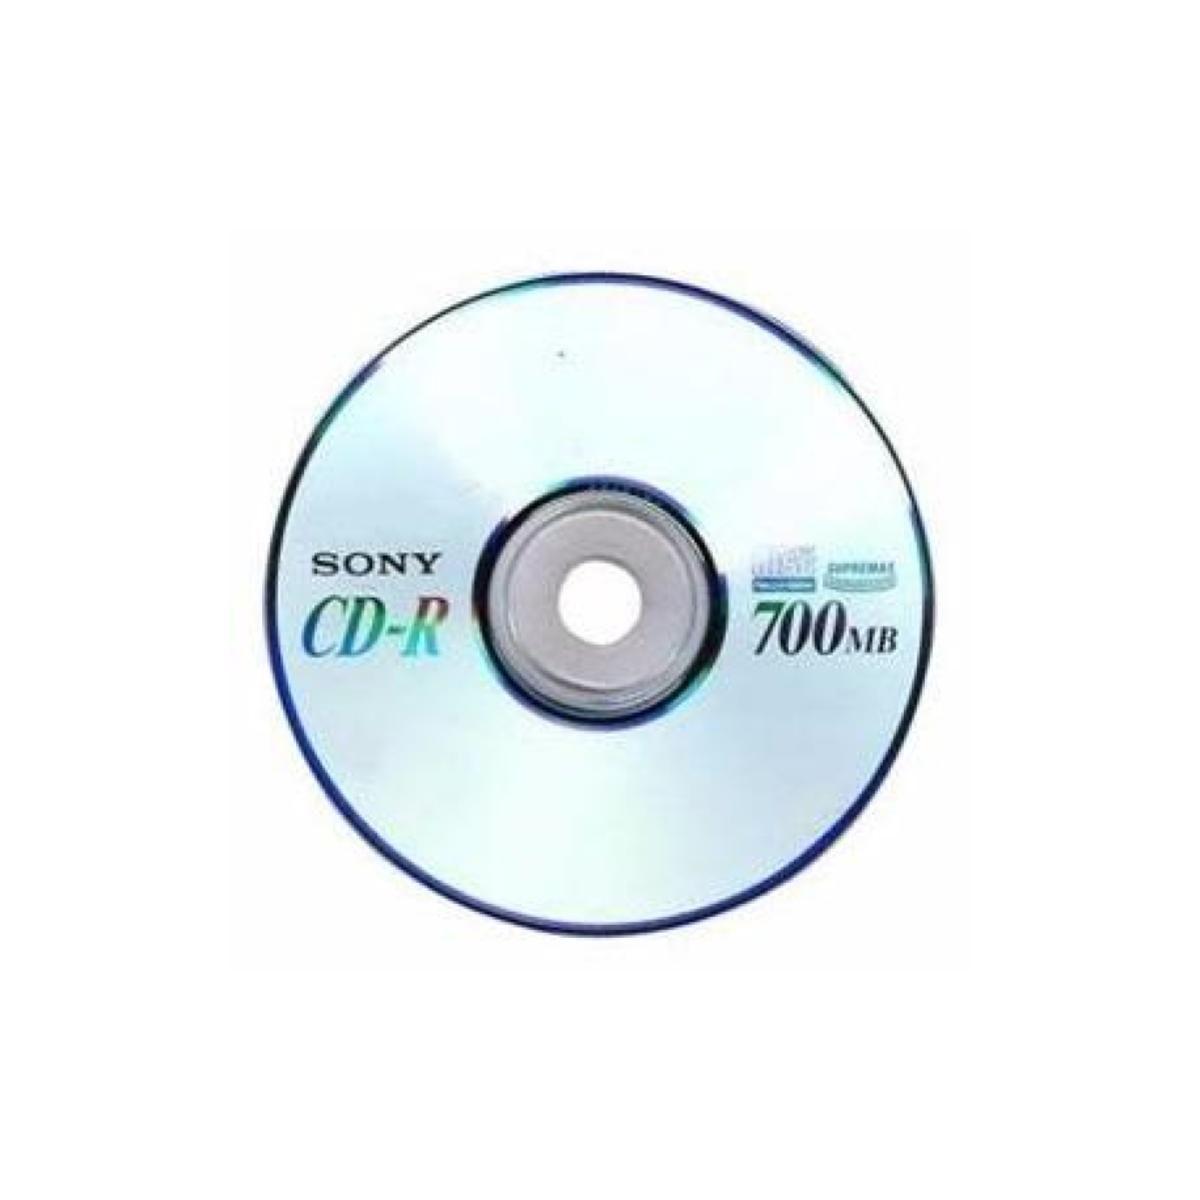 CD-R Grav. 700MB 80 Minutos 48x Com Capa Sony